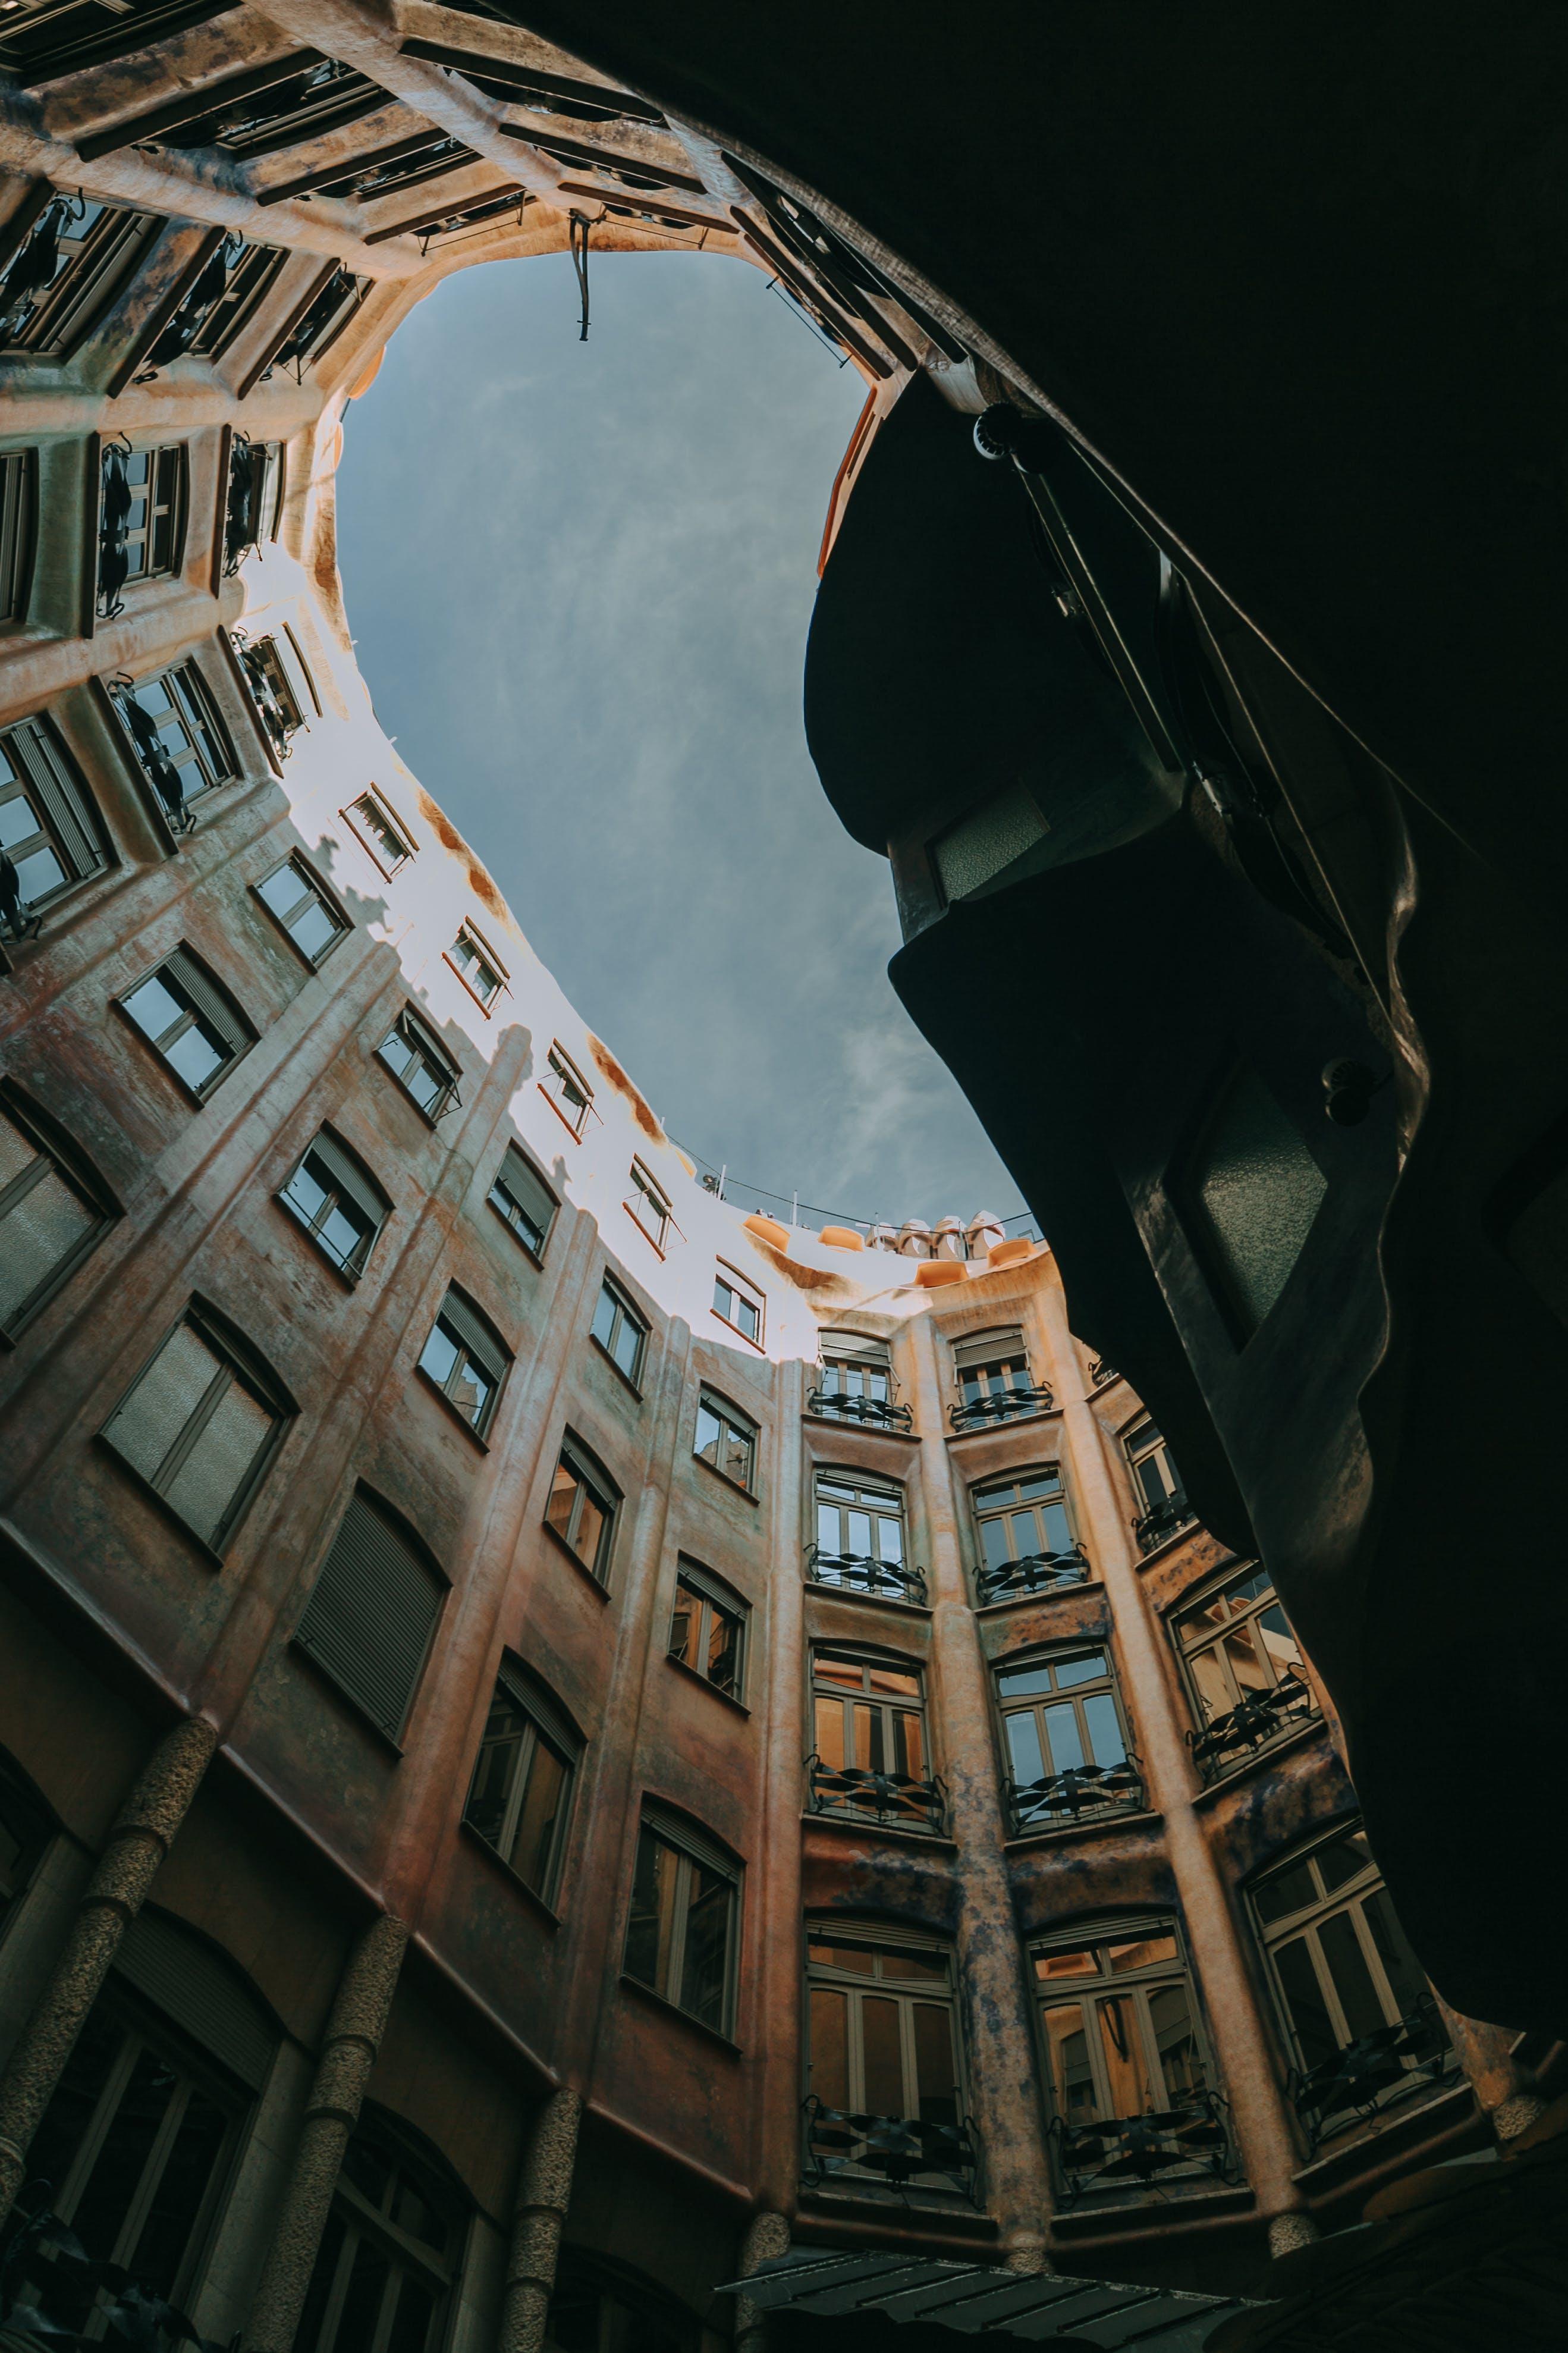 architektur, aufnahme von unten, draußen